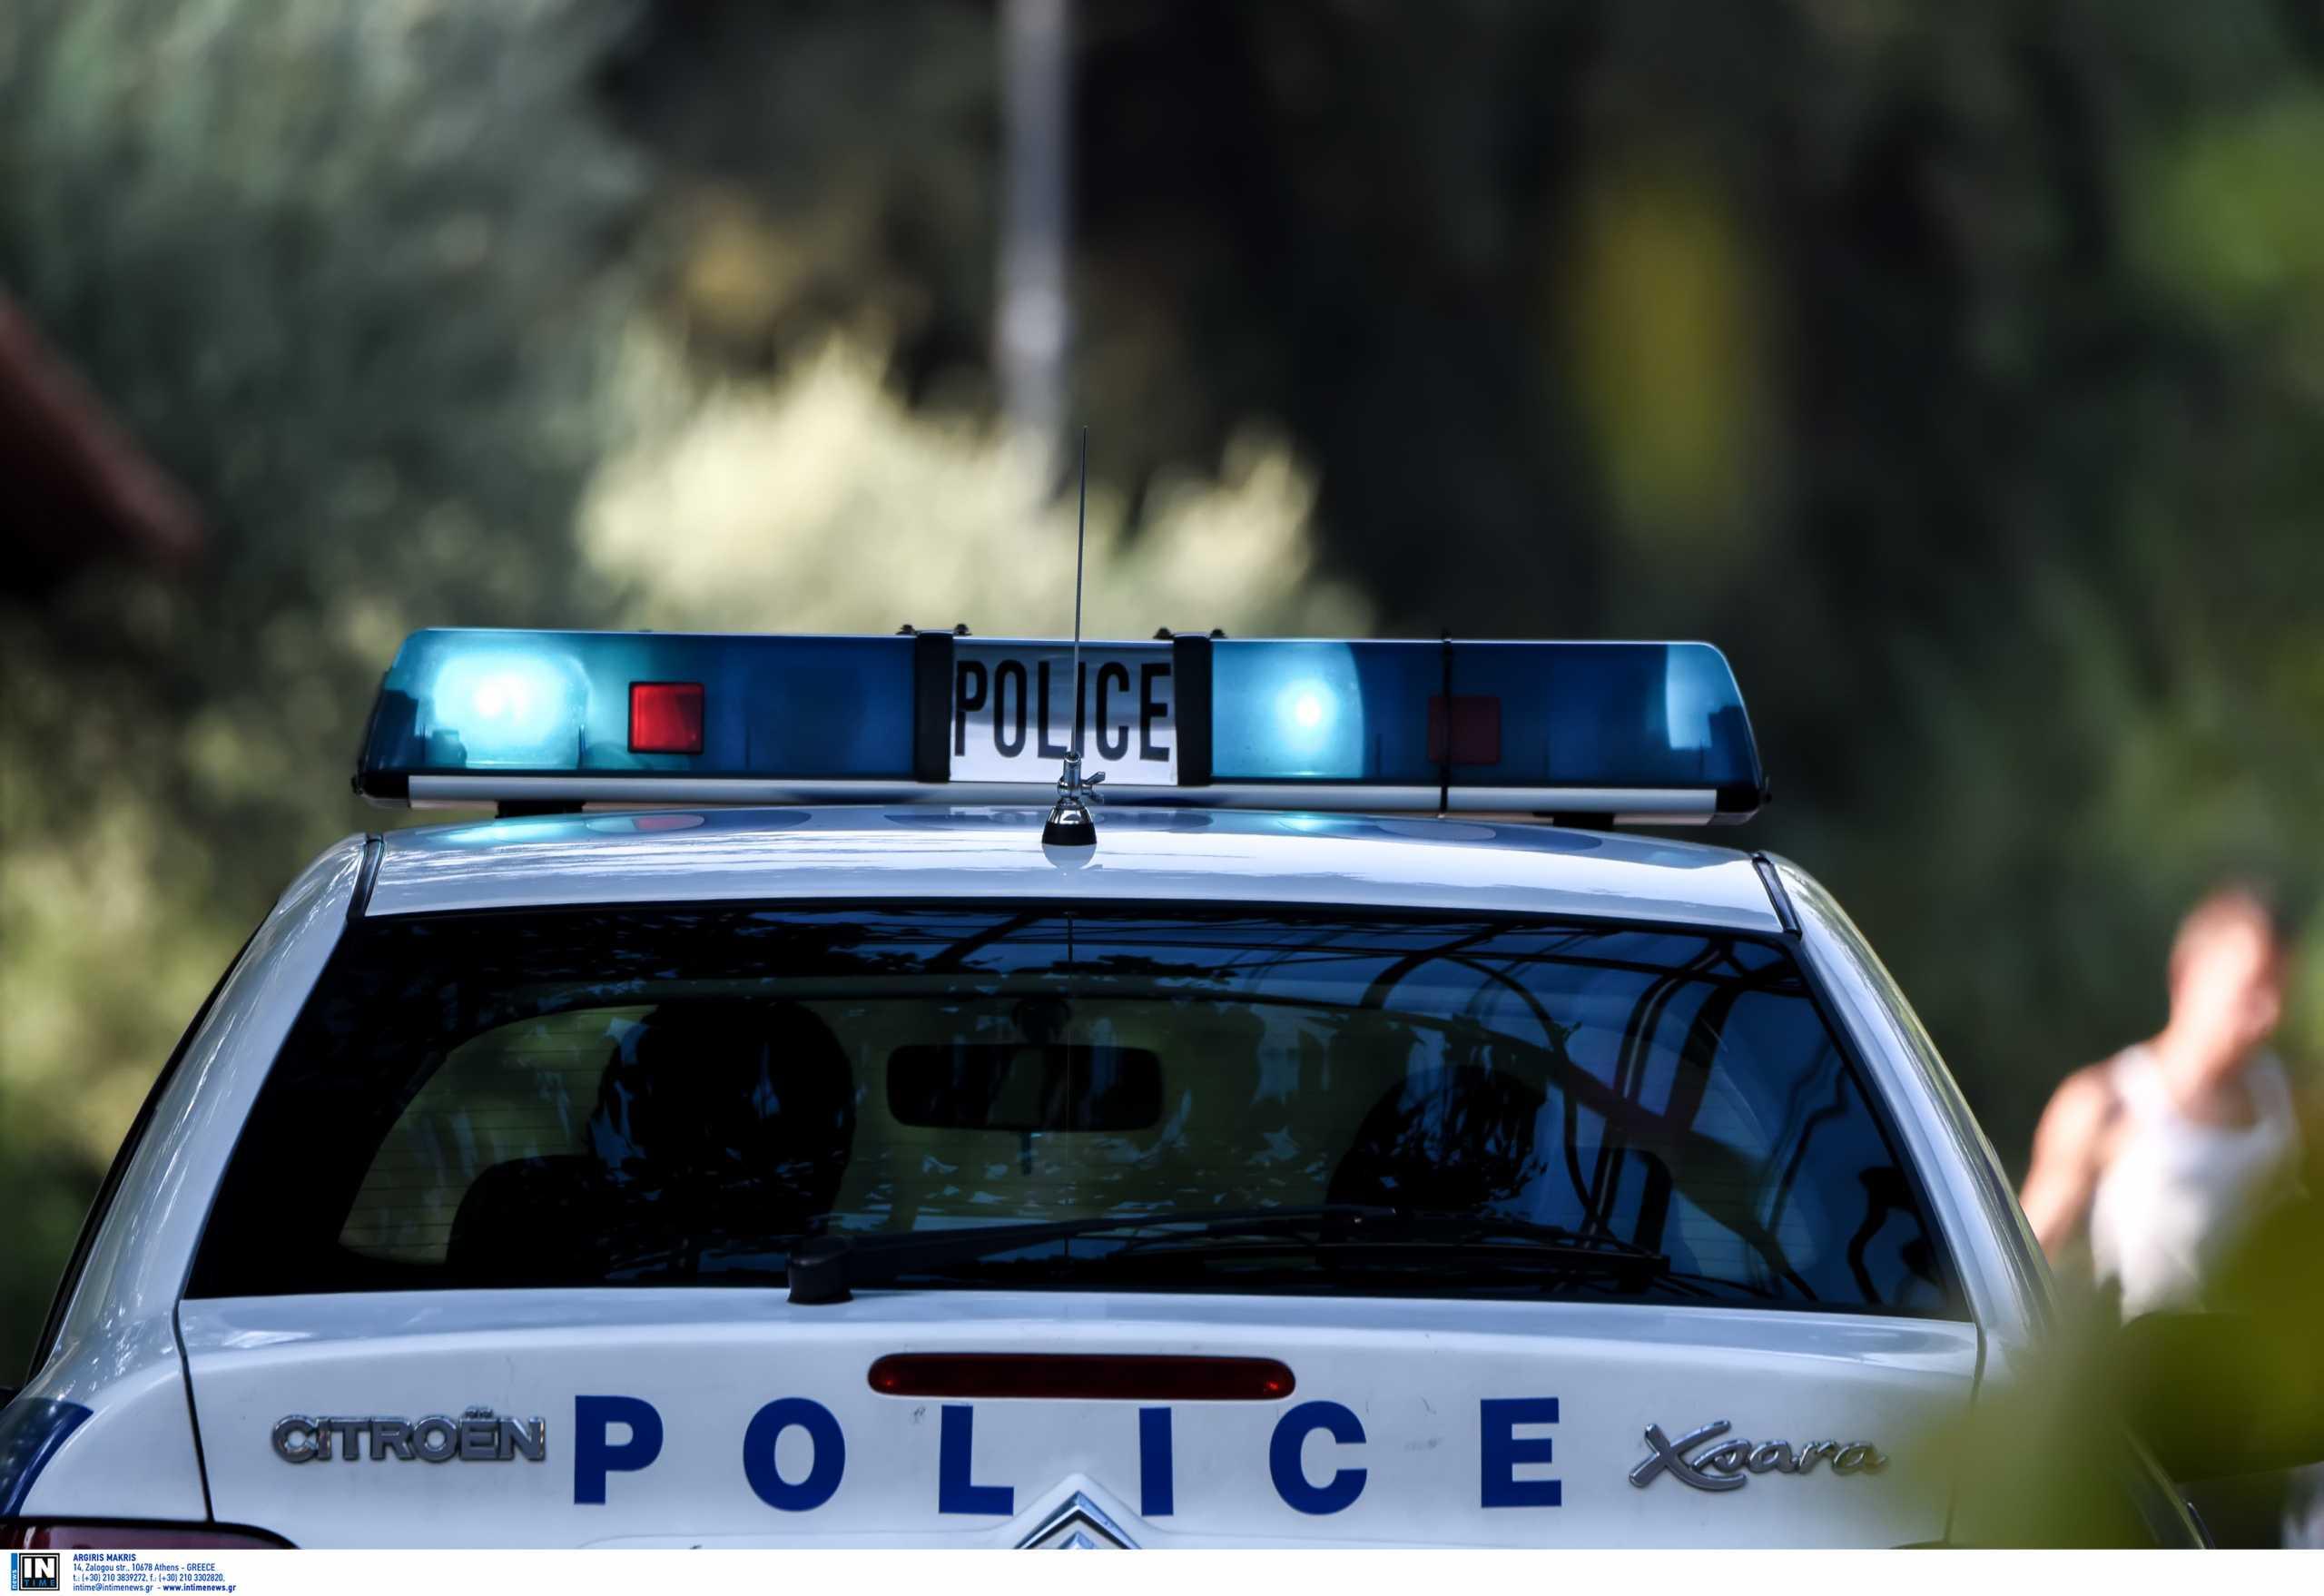 Χαλκίδα: Την κρατούσε όμηρο 12 ημέρες και την βίαζε